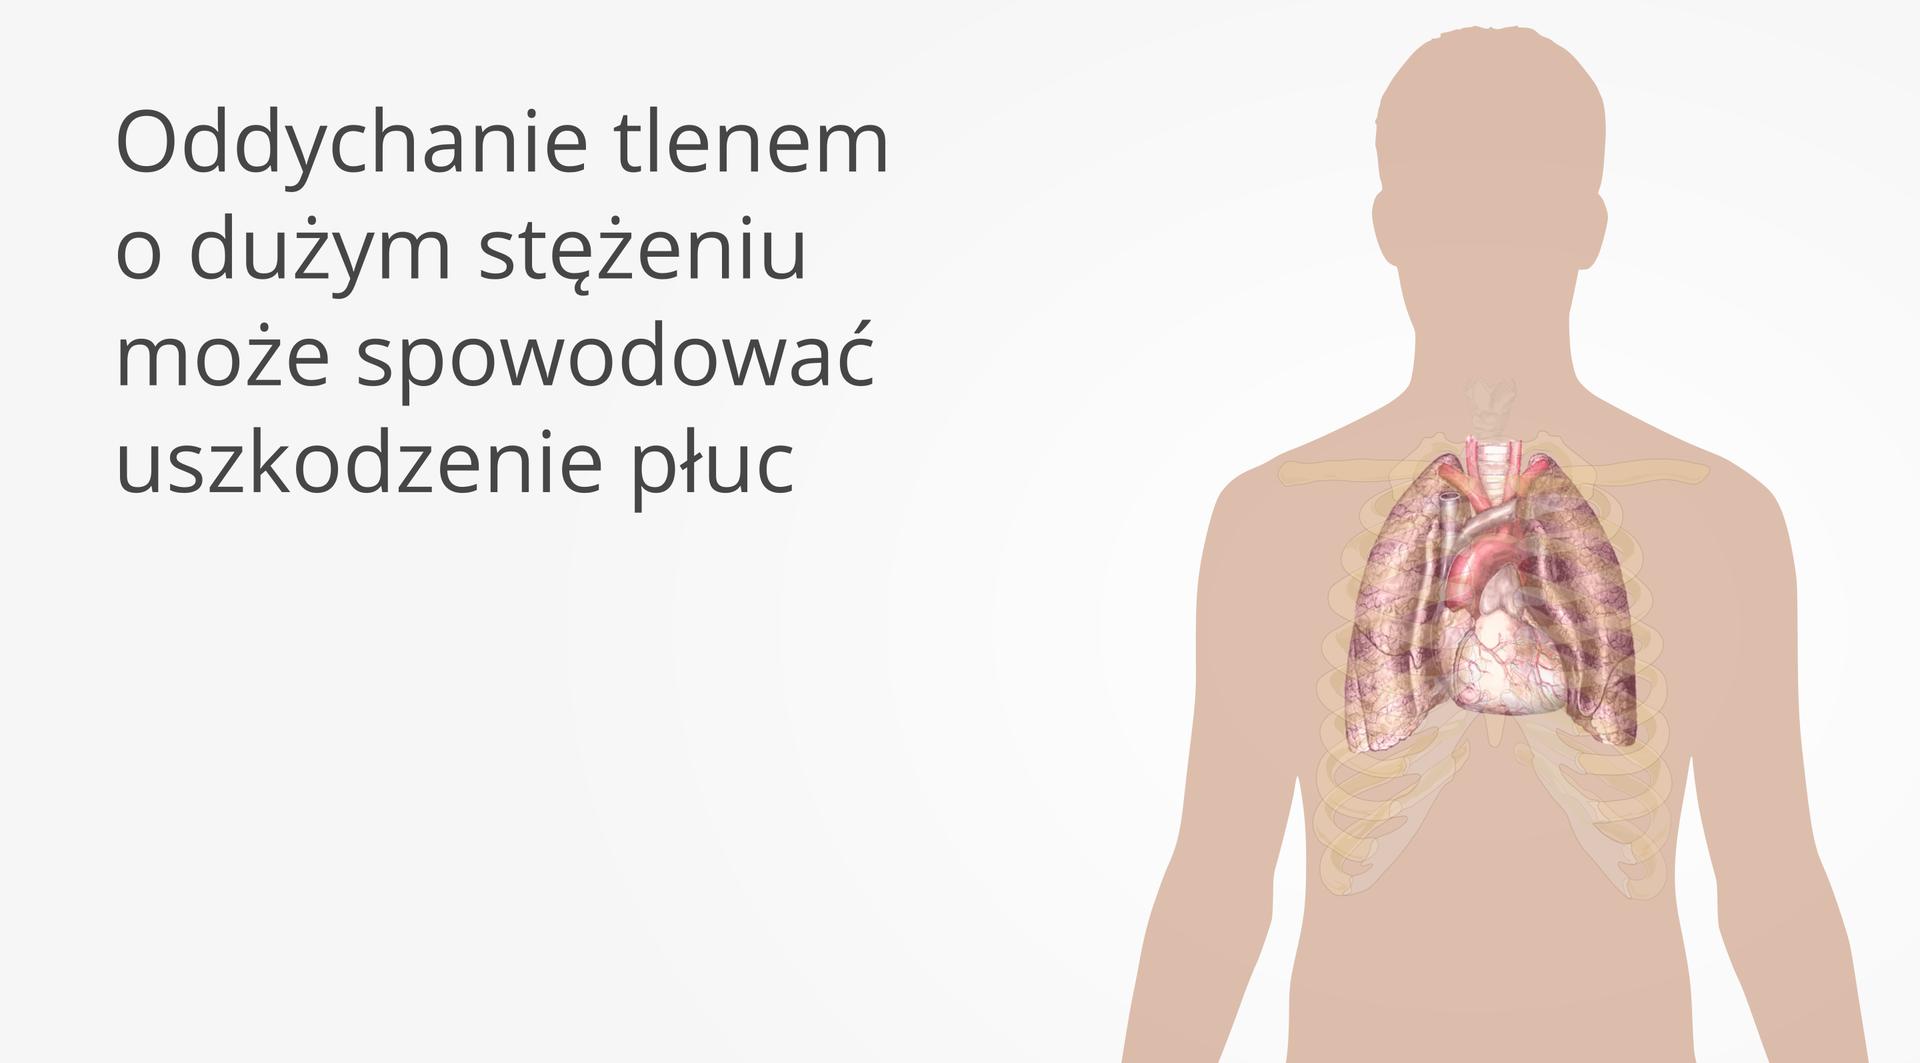 Drugi kadr galerii Ilustracja przedstawia sylwetkę człowieka znaniesionym na nią dokładnym rysunkiem płuc zamkniętych wpółprzezroczystej klatce żebrowej. Po lewej stronie napis: Oddychanie tlenem odużym stężeniu może spowodować uszkodzenie płuc.